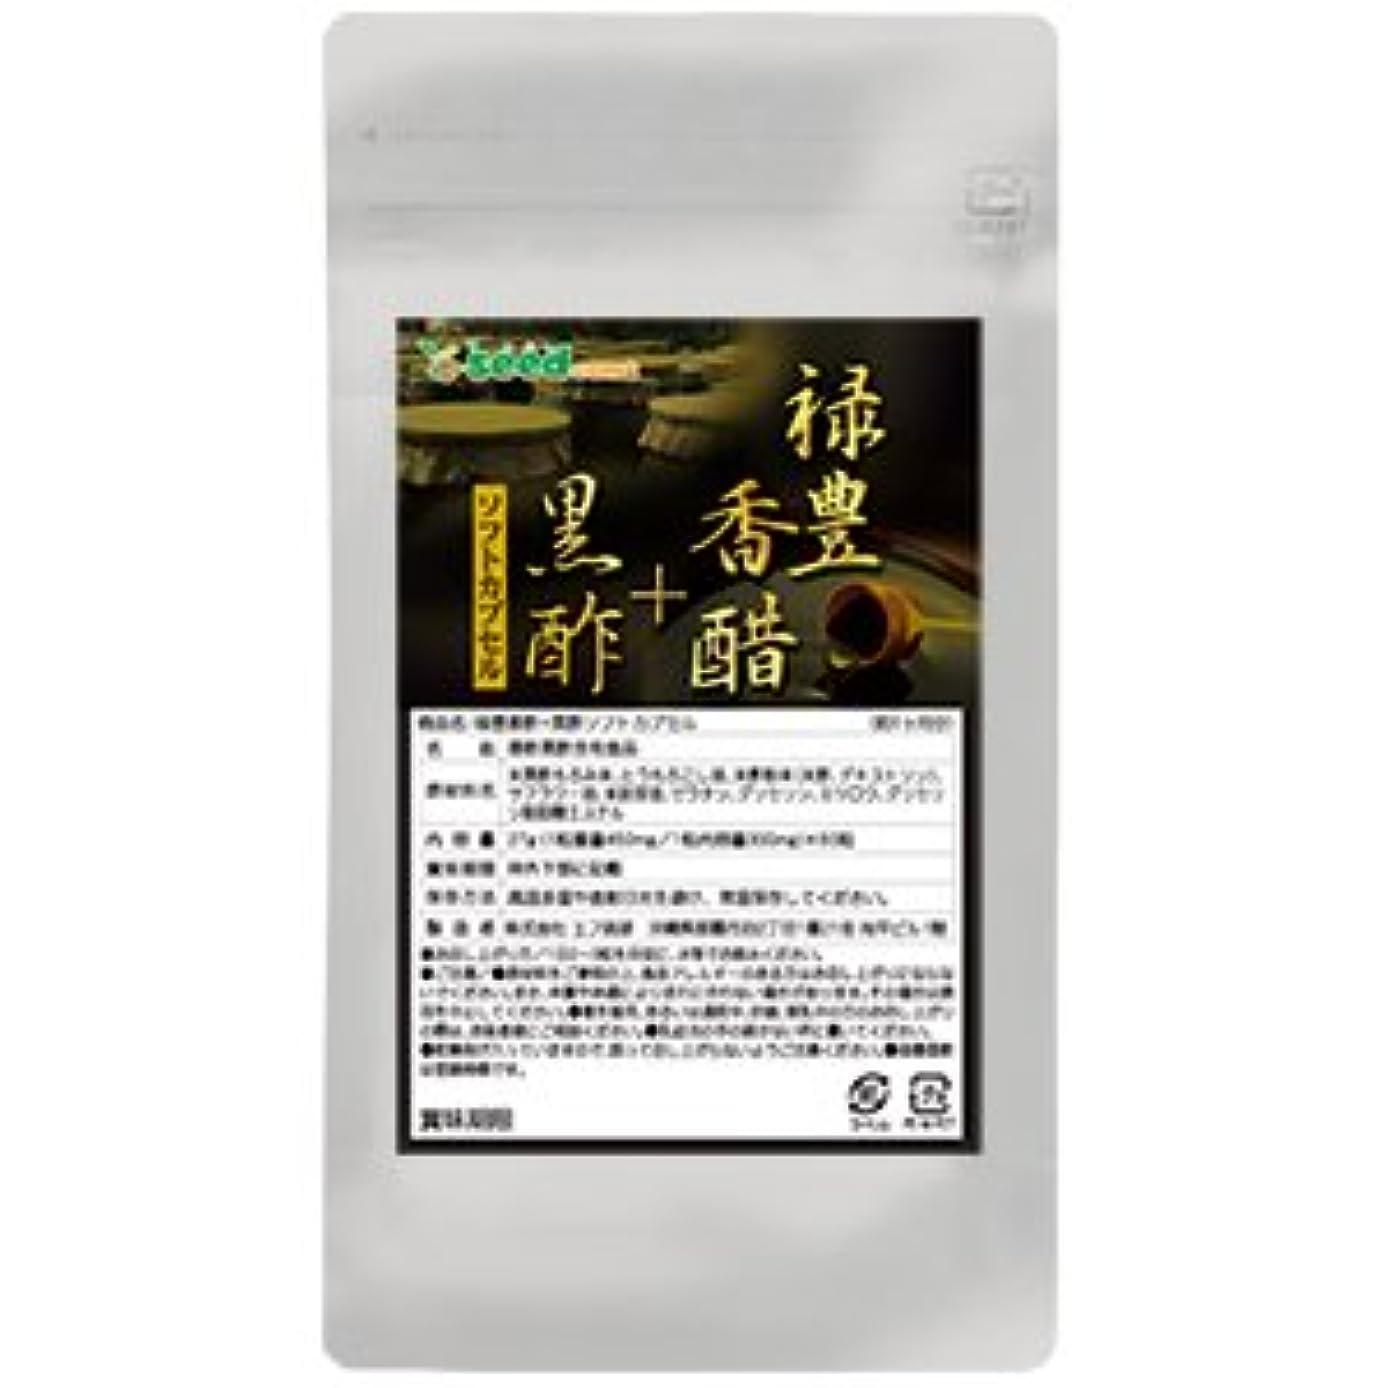 セットするオーバーフロー放出禄豊 香酢 + 黒酢 ソフトカプセル (約3ヶ月分/180粒)